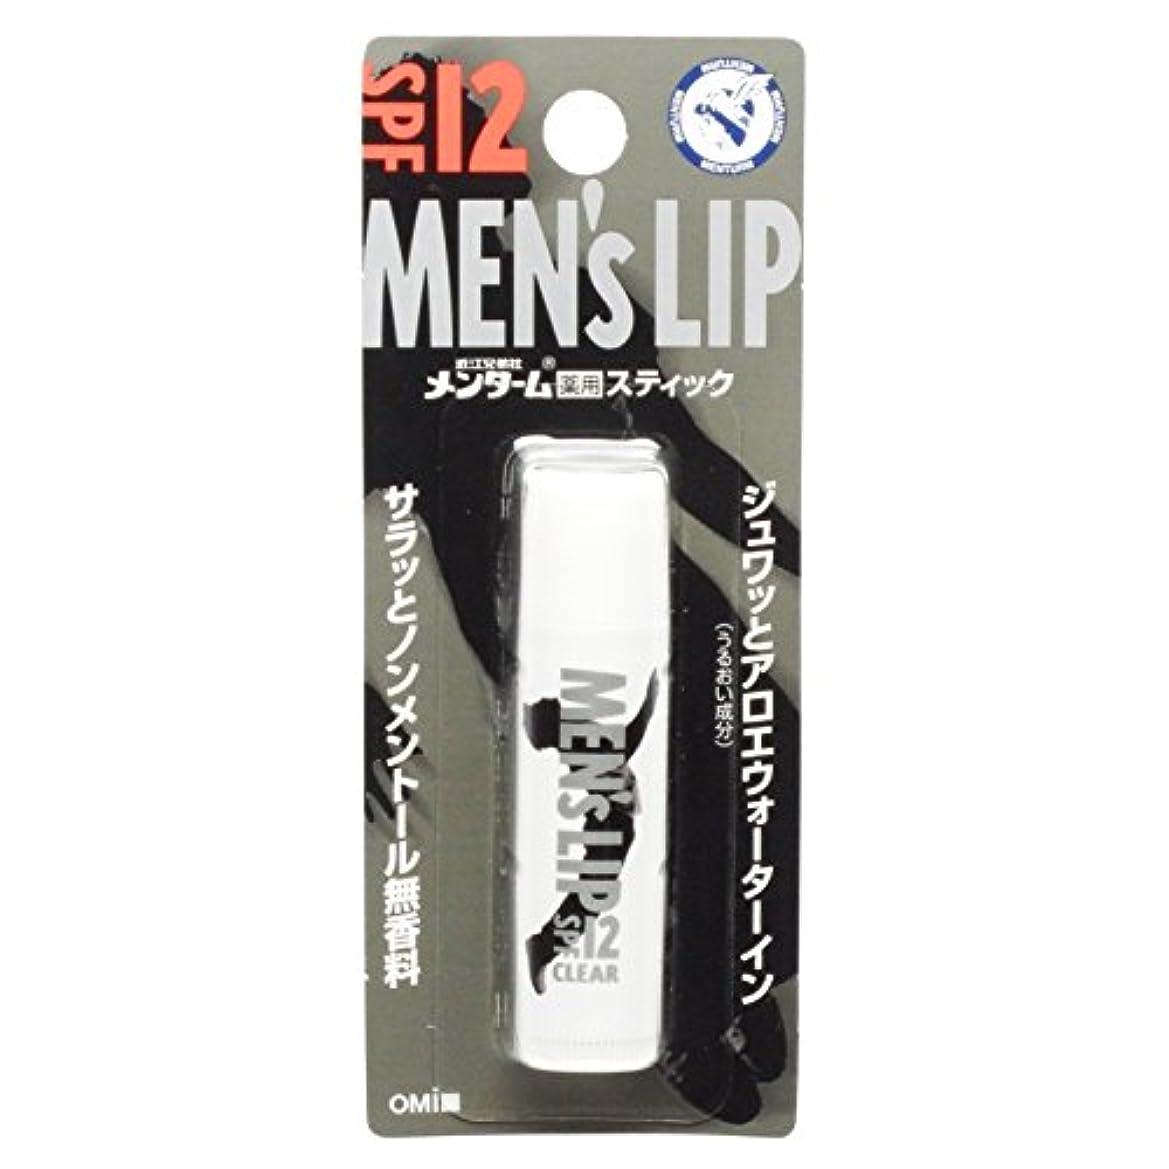 ネーピア空ホールドメンターム 薬用メンズリップ 無香料 5.2g (医薬部外品)